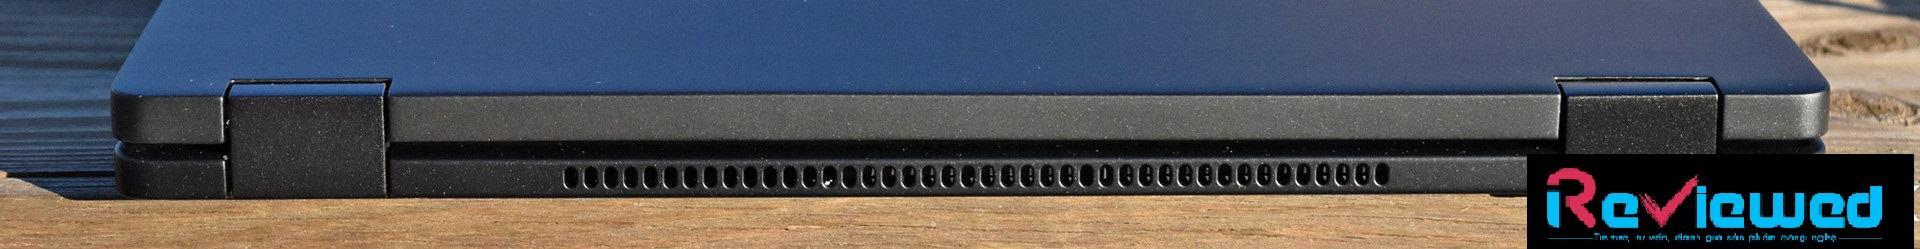 Dell Latitude 7390 2 in 1